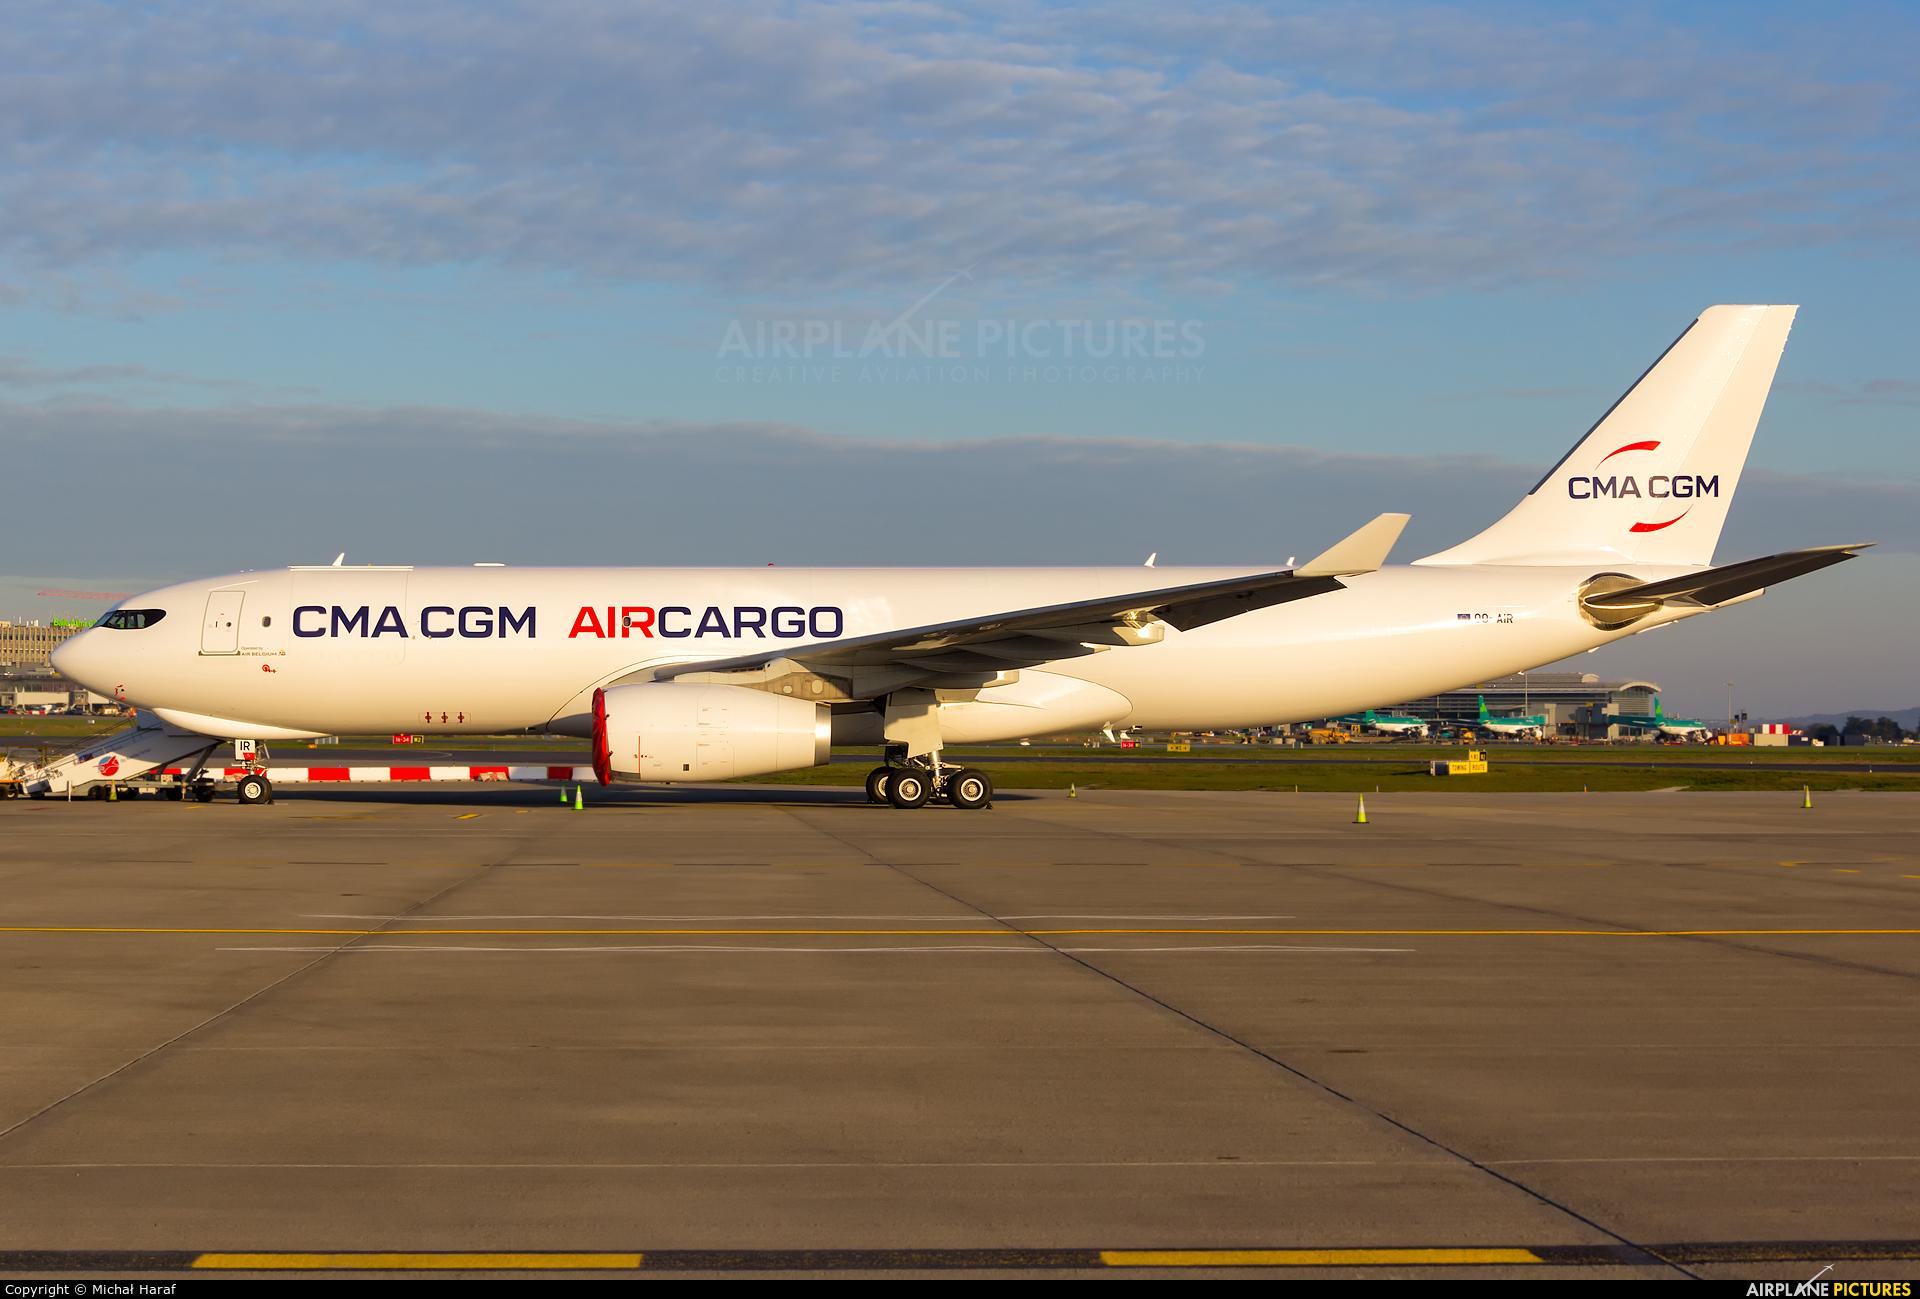 CMA CGM Aircargo (Air Belgium) OO-AIR aircraft at Dublin